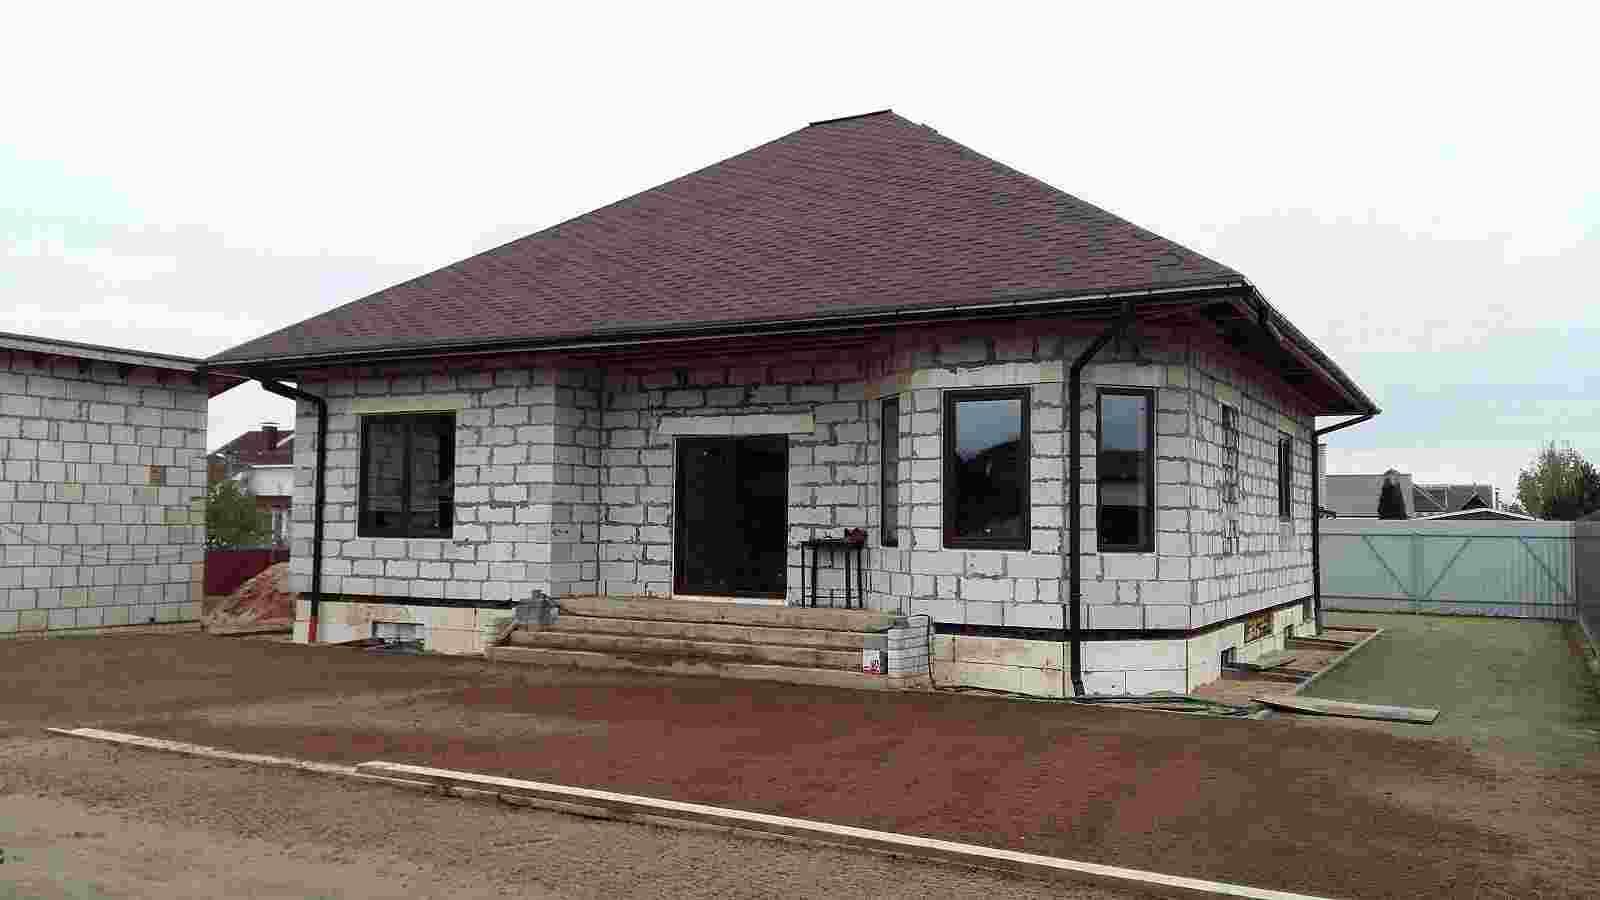 Недостроенный коттедж,10 соток земли, гараж, баня,летняя кухня